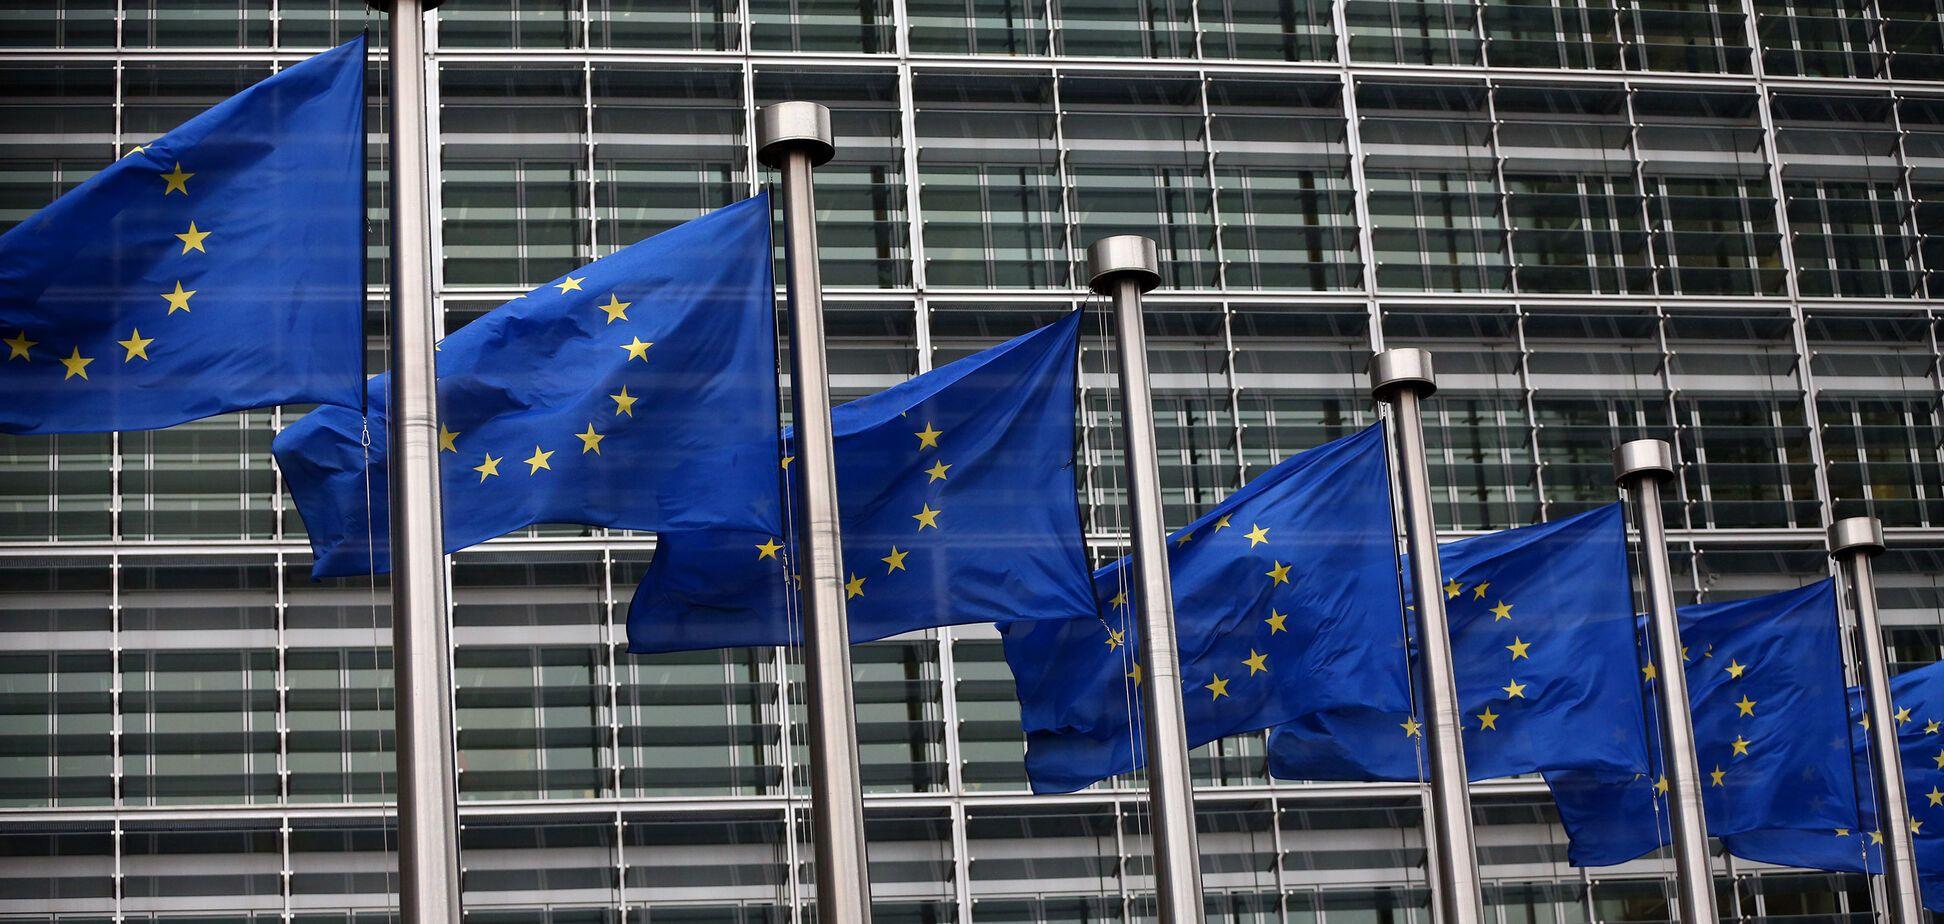 """'Это стало землетрясением': в ЕС потребовали немедленно заняться """"Райскими бумагами"""""""